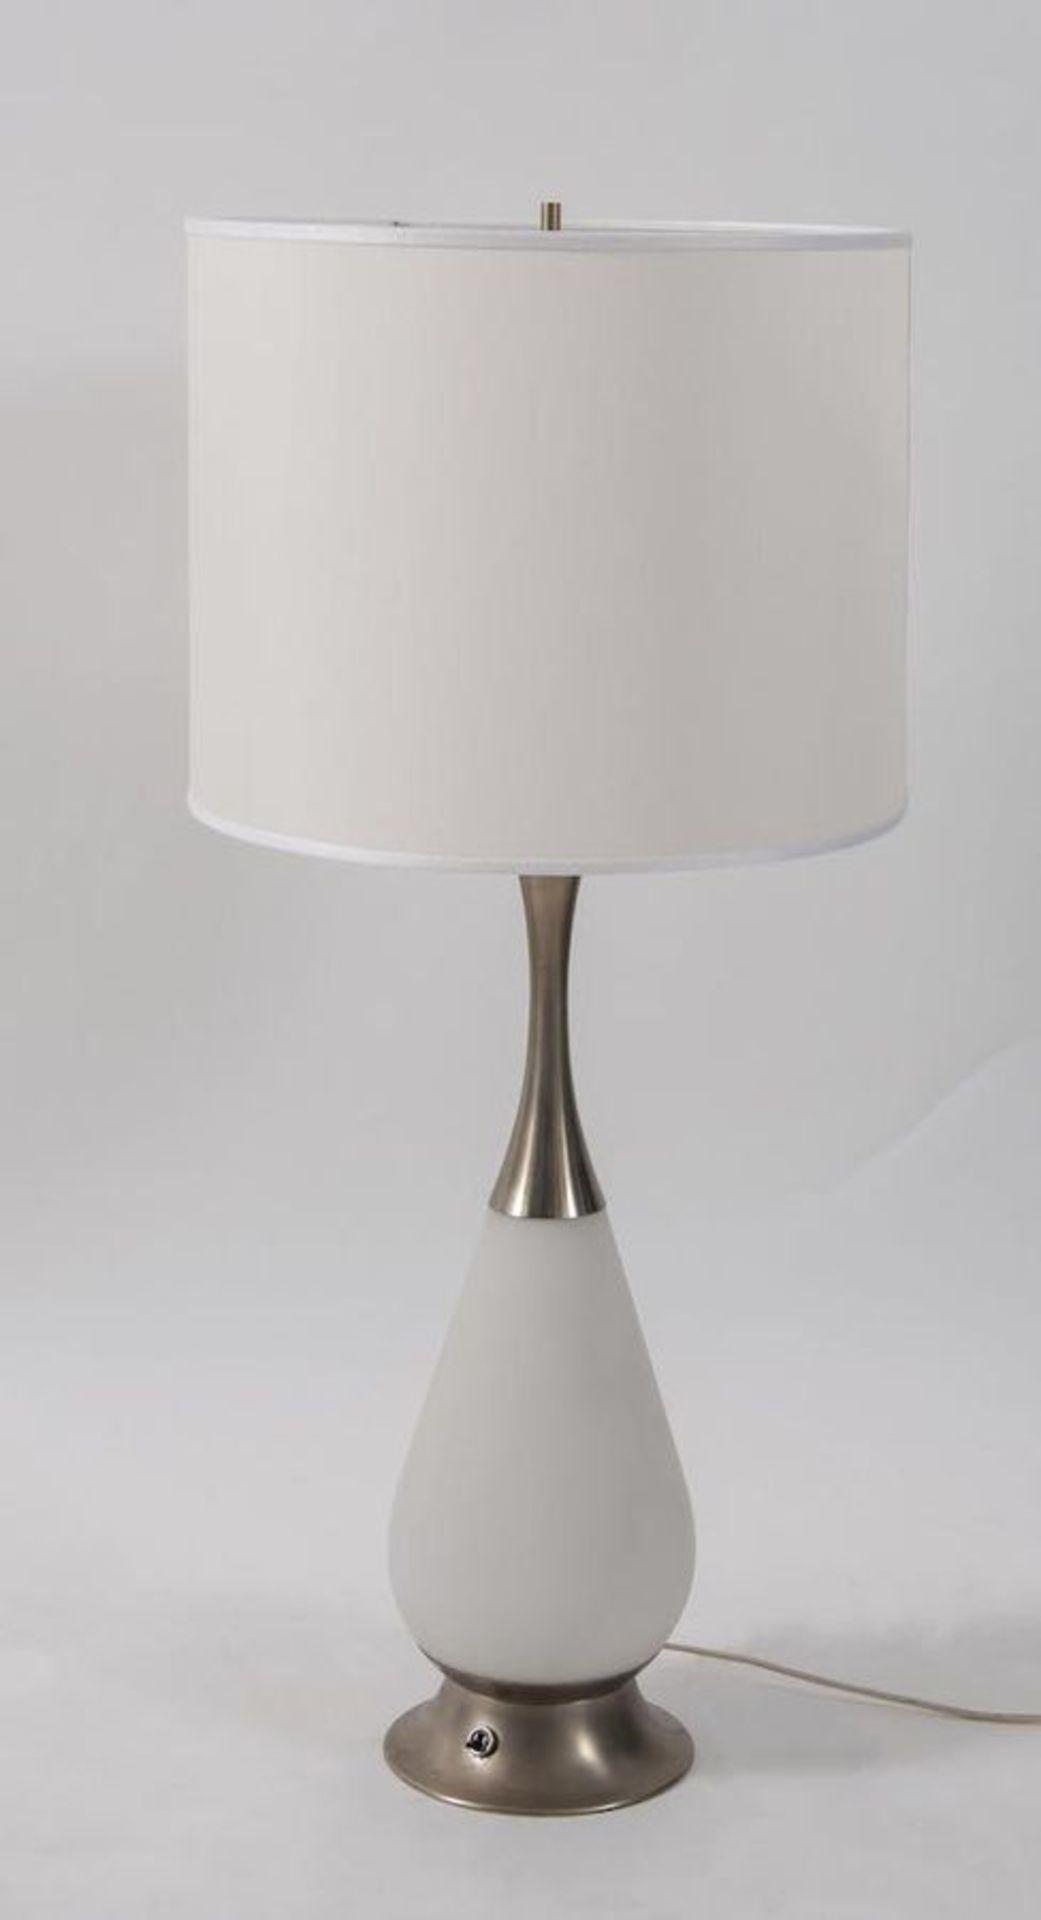 STILNOVO Lampada da tavolo con struttura in alluminio e vetro opalino. Marchio originale. Prod. Stil